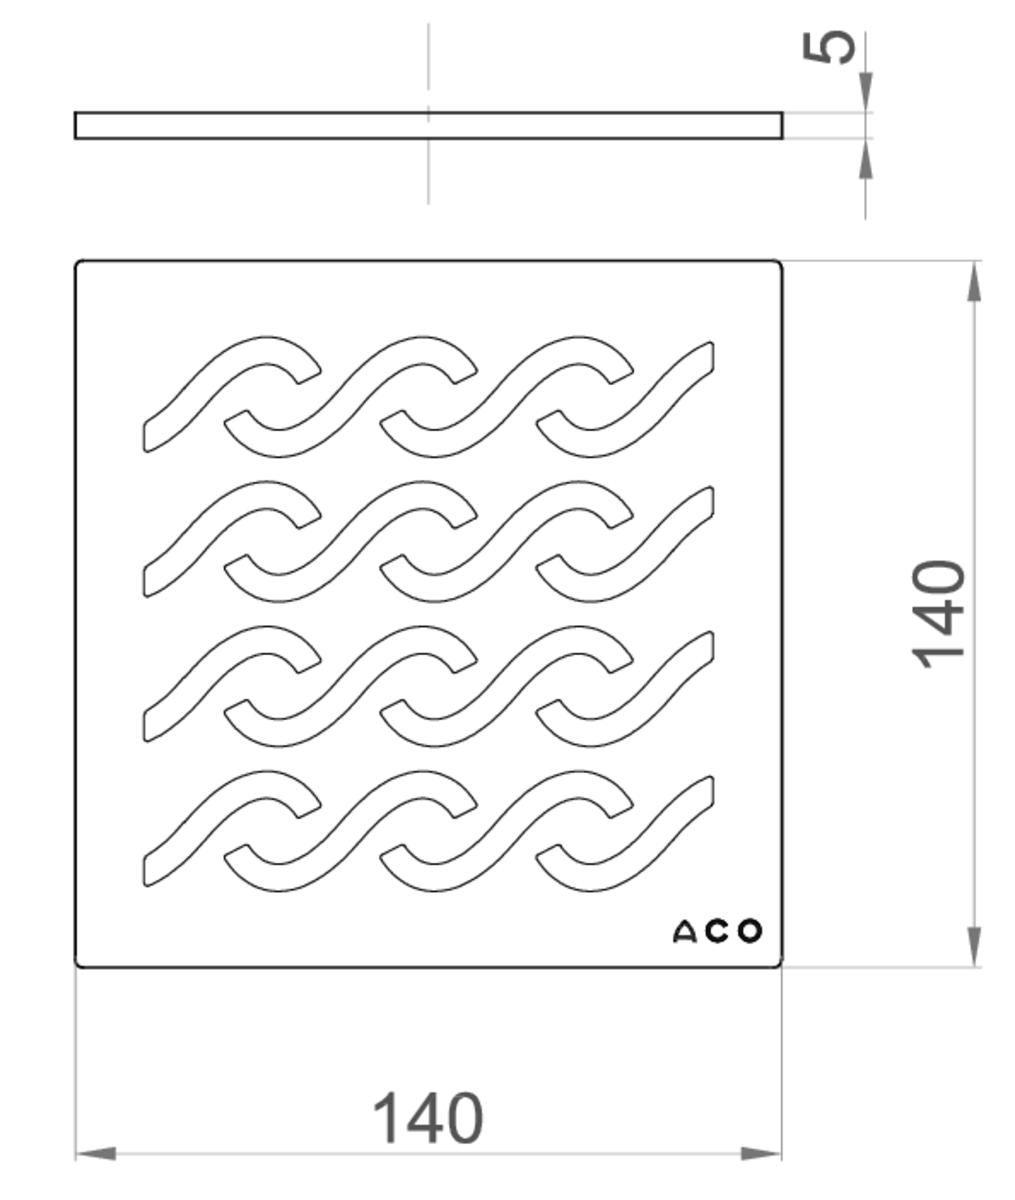 Esquema técnico da grelha para sumidouro EASYFLOW, grelha hawaii em aço inoxidável AISI304 da dimensões L140 A140 H5 sem sistema de fixação, classe de carga K3.